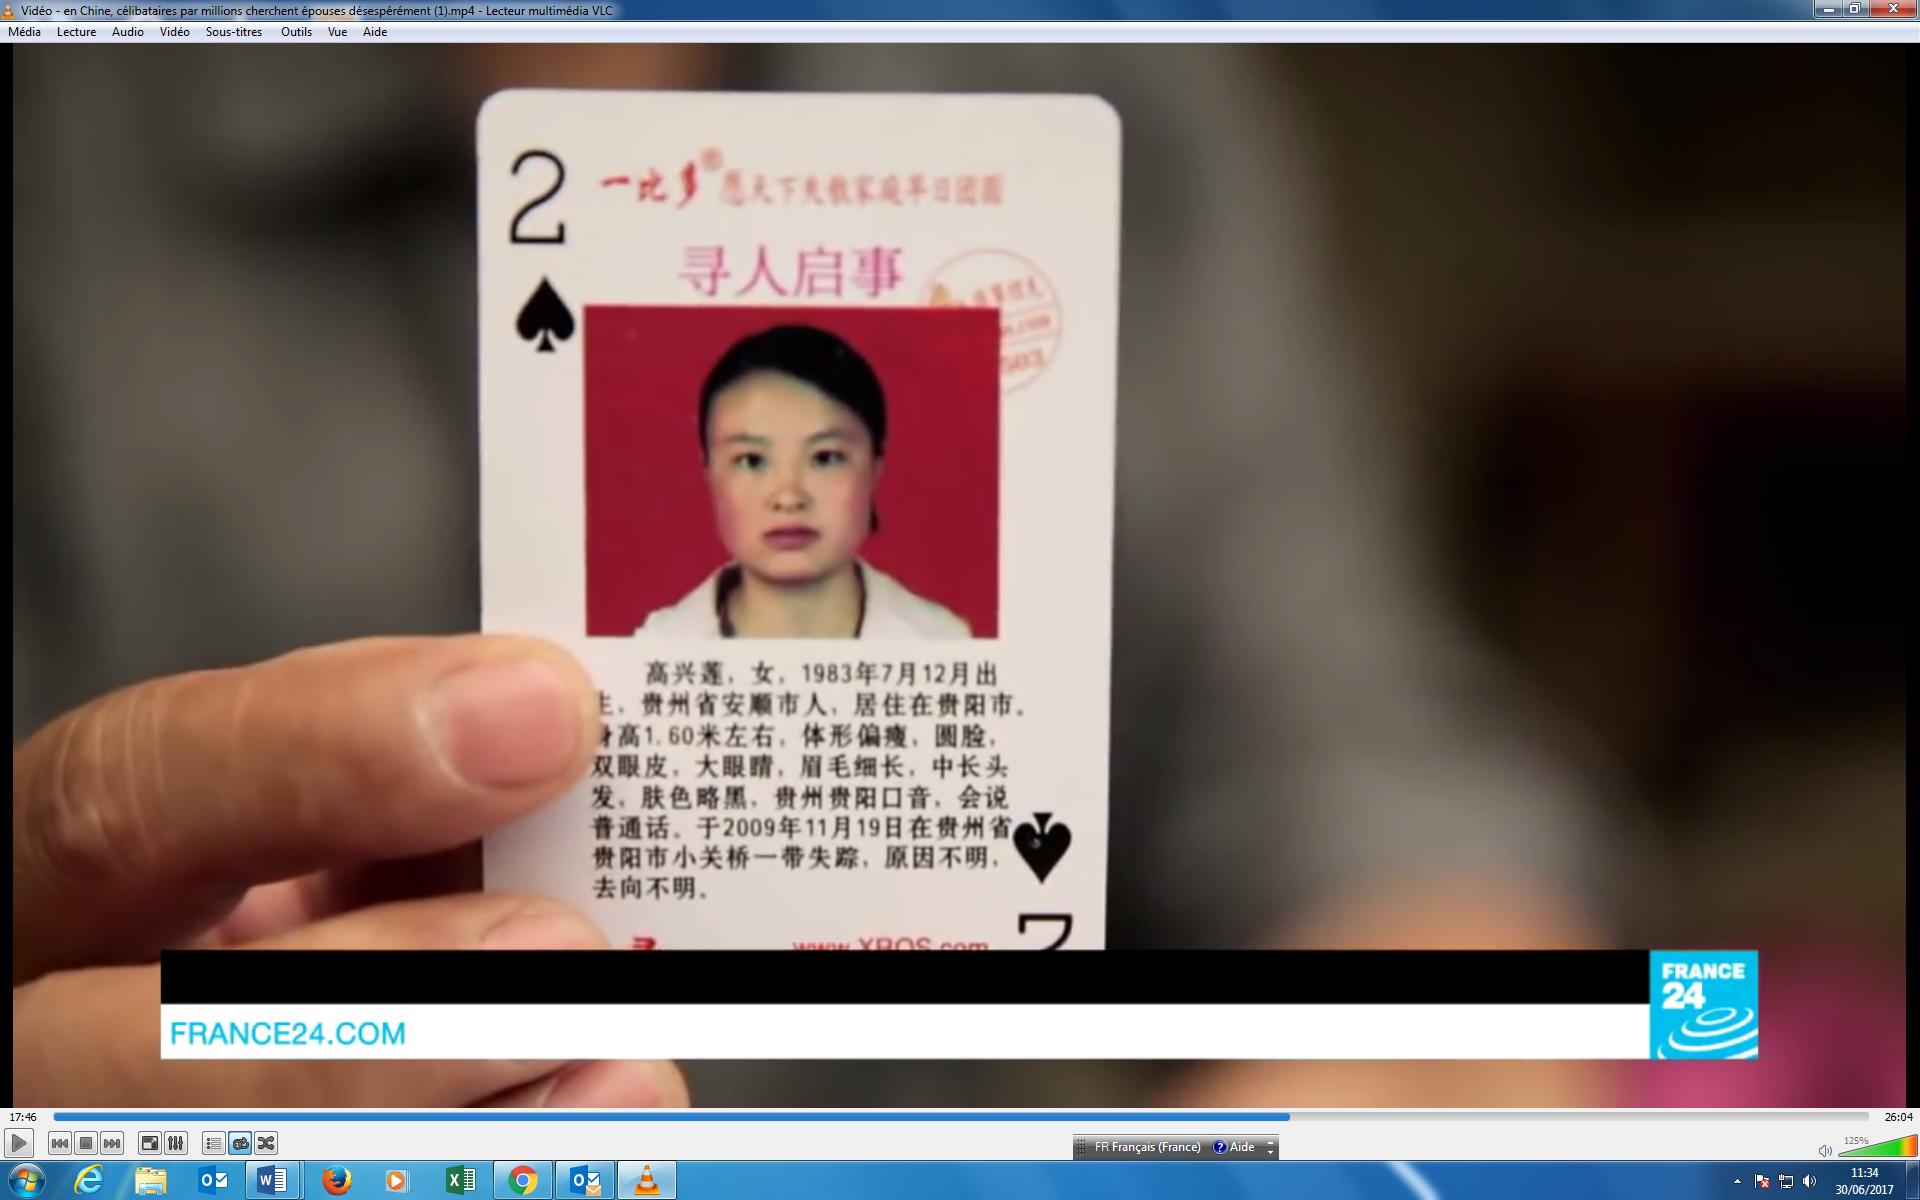 寻人扑克中的黑桃2, 贵州刘平失踪5年的妻子